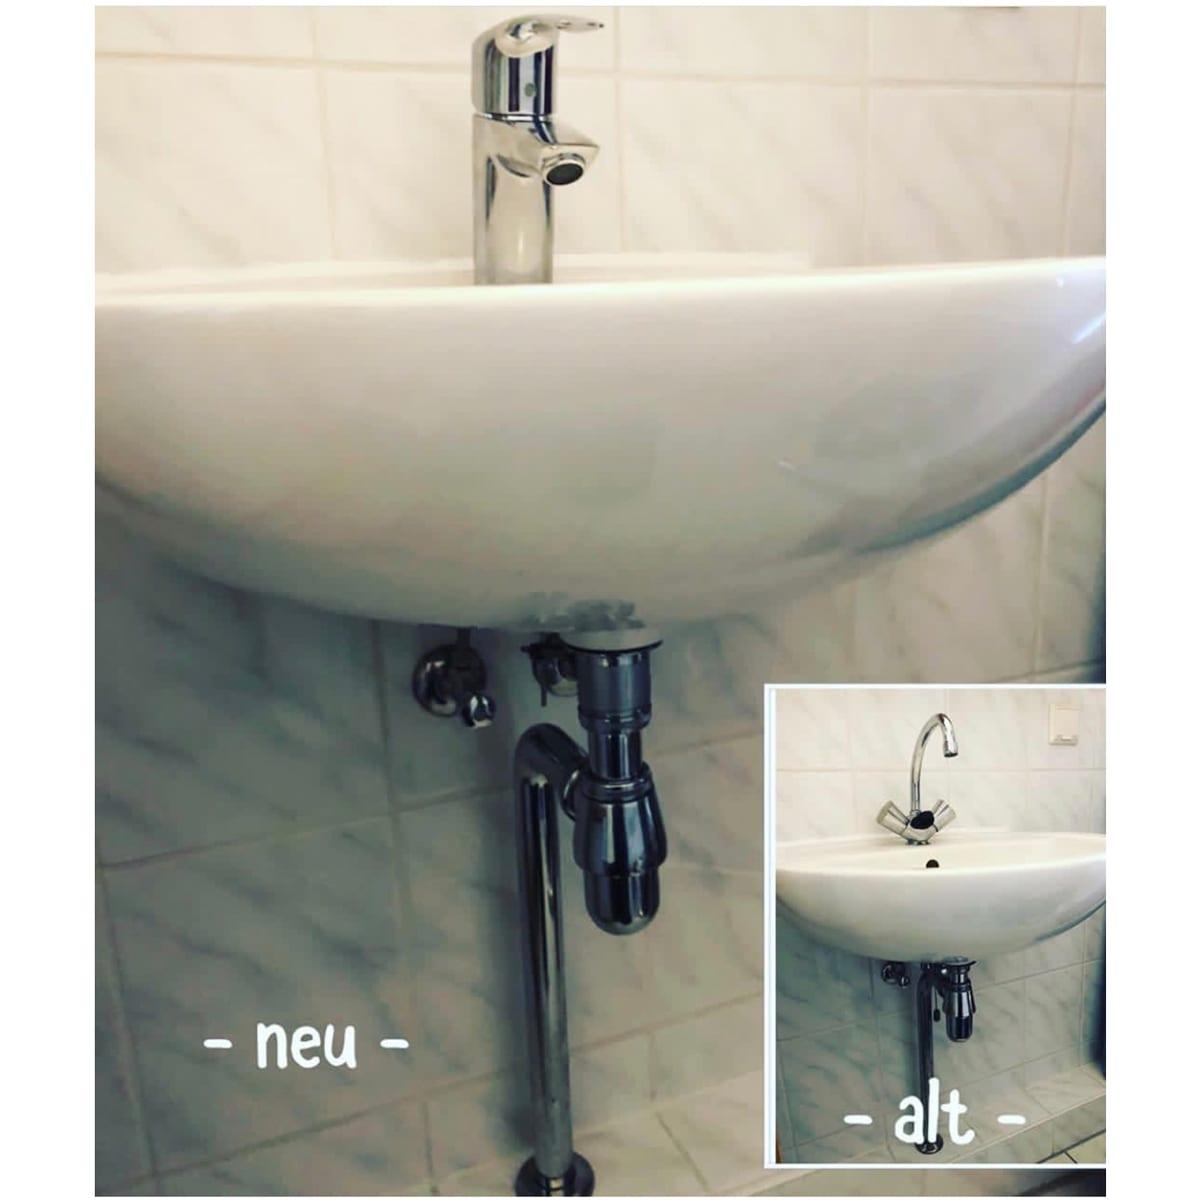 M. Schulze Sanitärinstallation